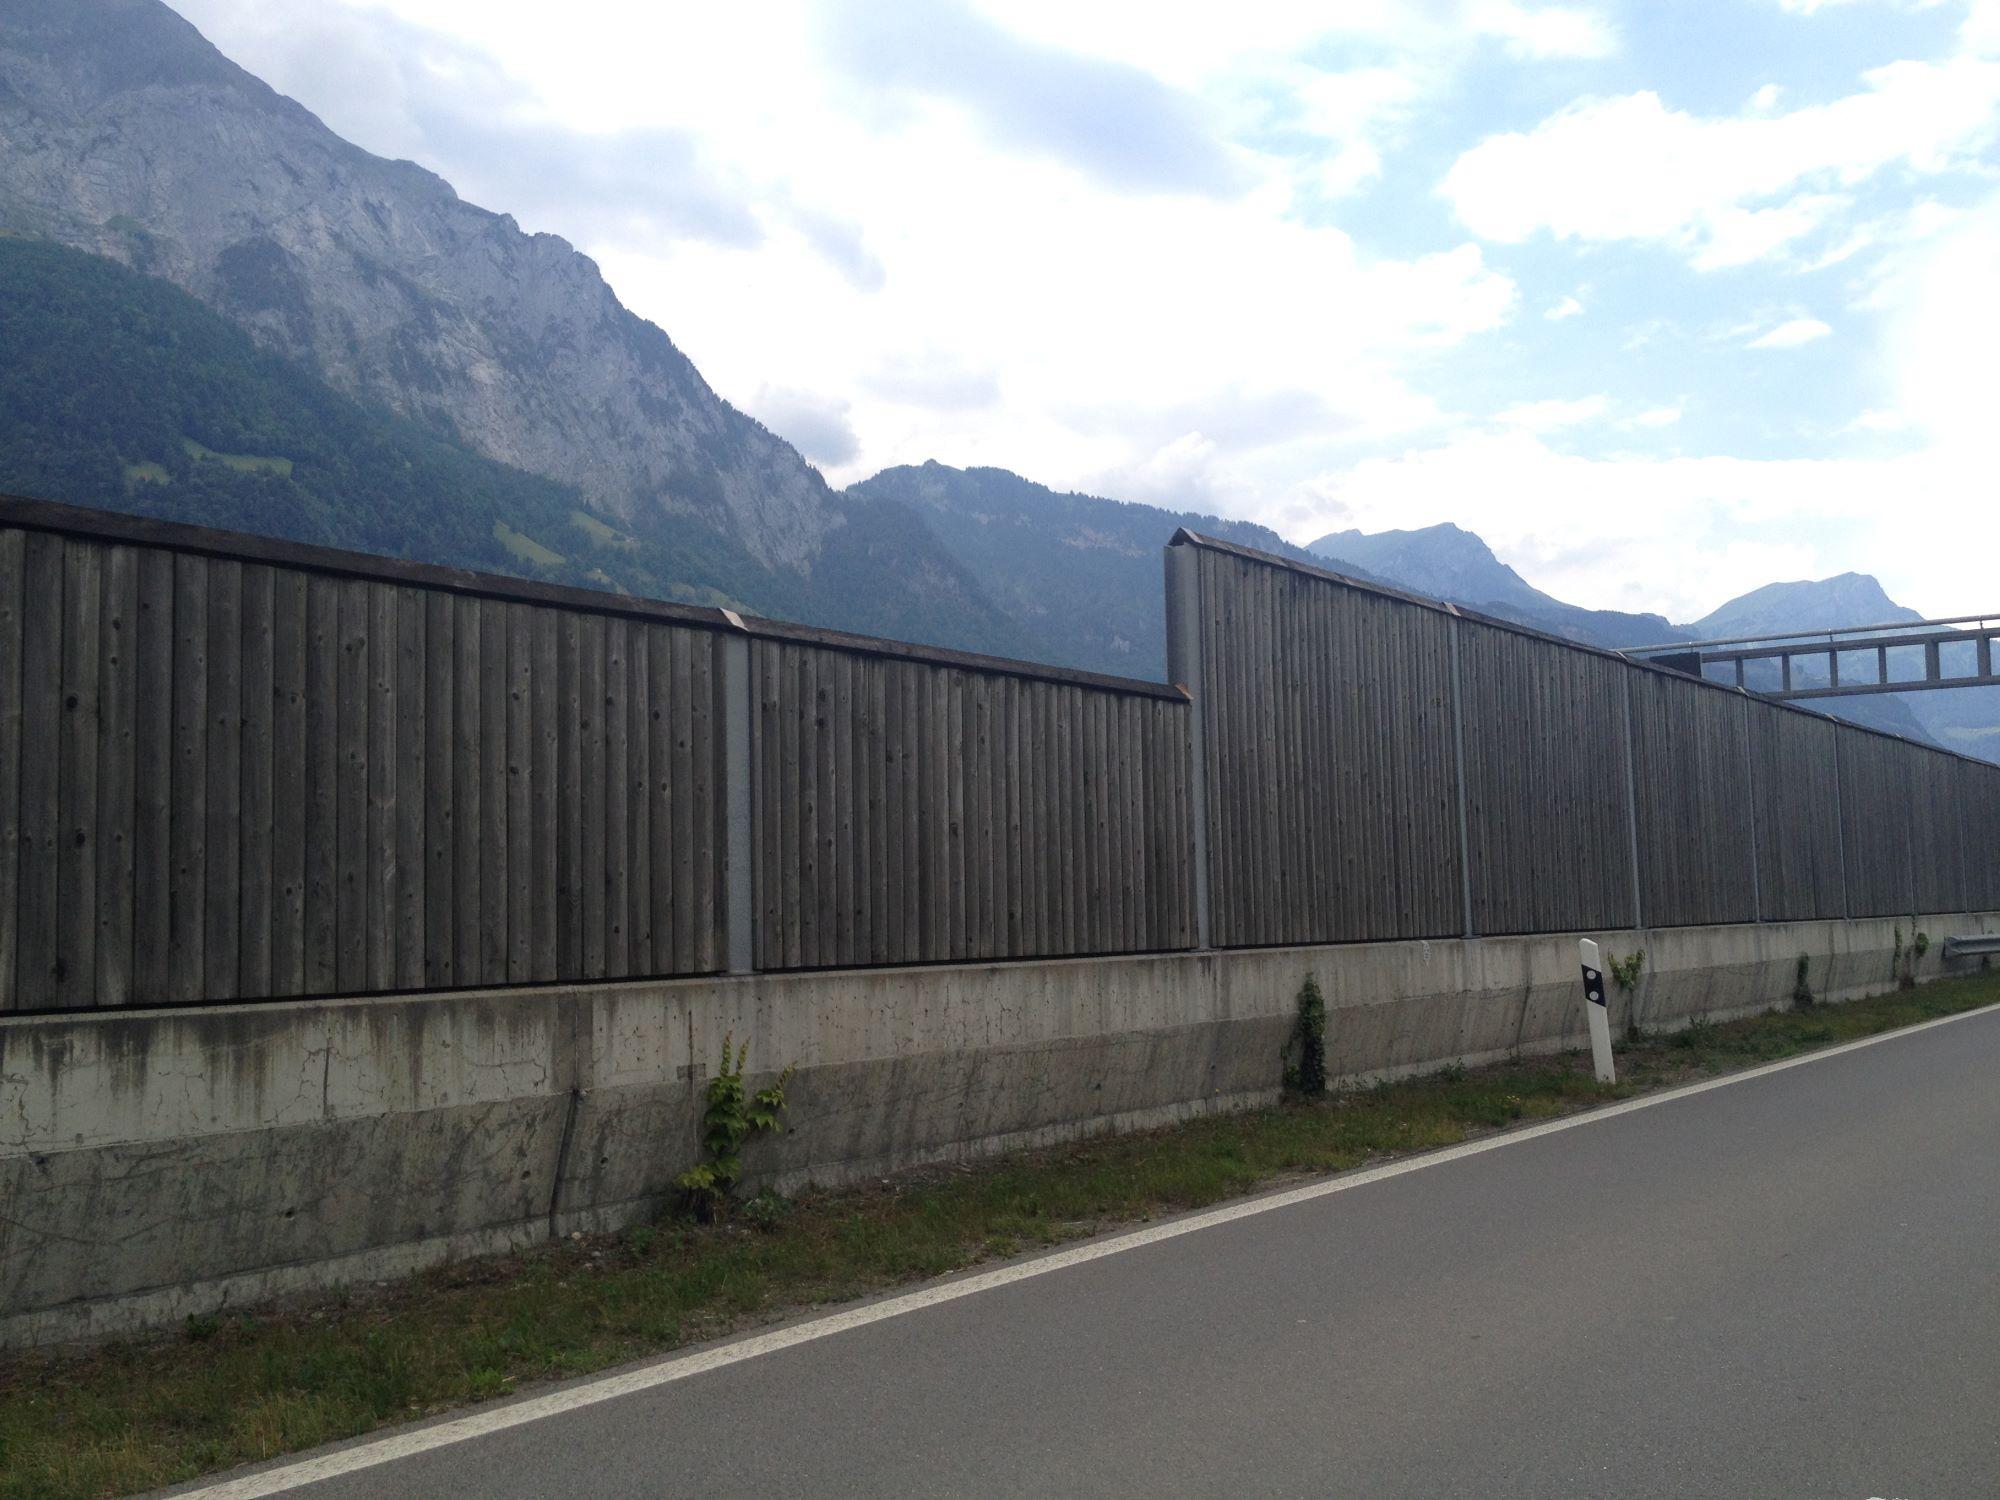 6_Hochwasserschutzmauer_entlang_A2_mit_Laermschutzwand2.JPG